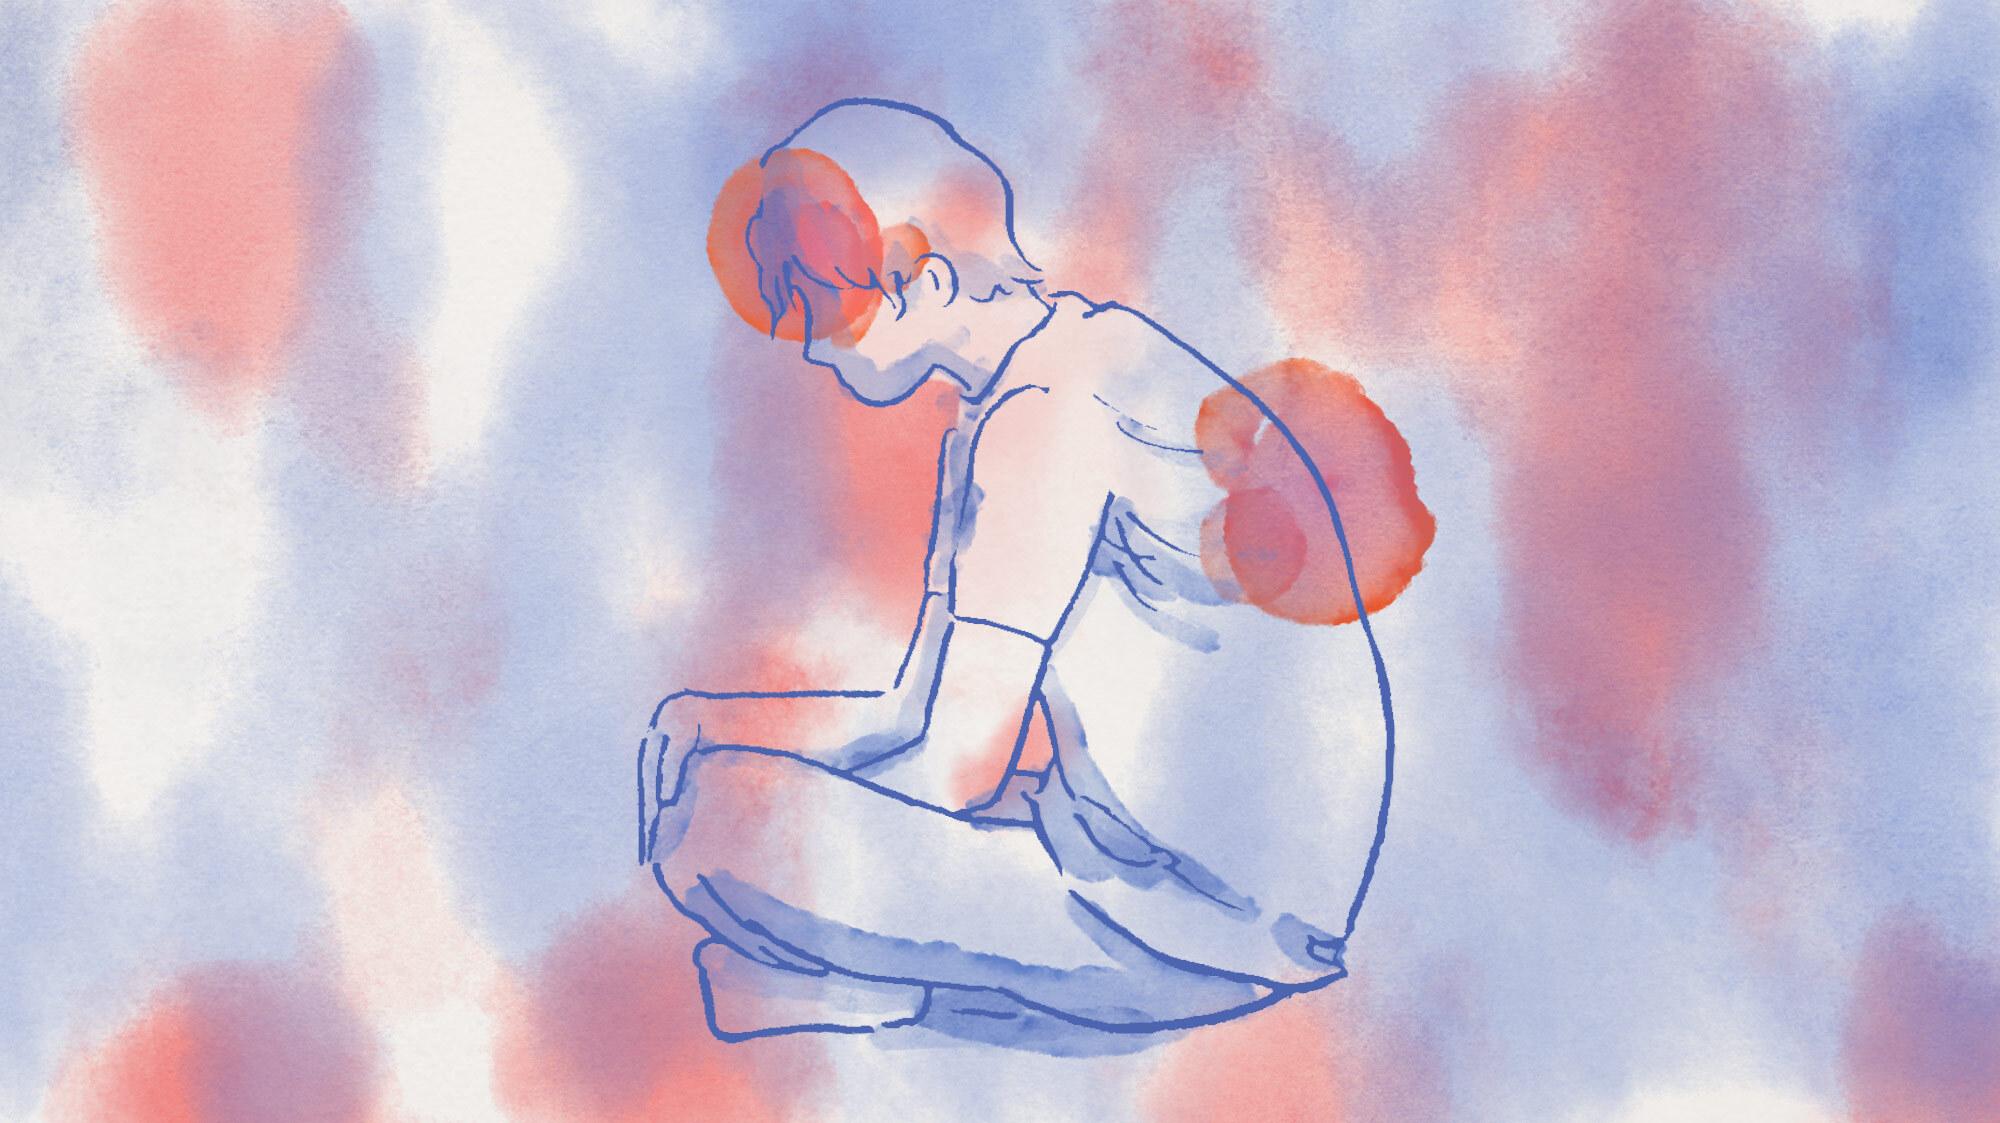 10 dấu hiệu sức khỏe giúp bạn nhận biết sớm bệnh trầm cảm